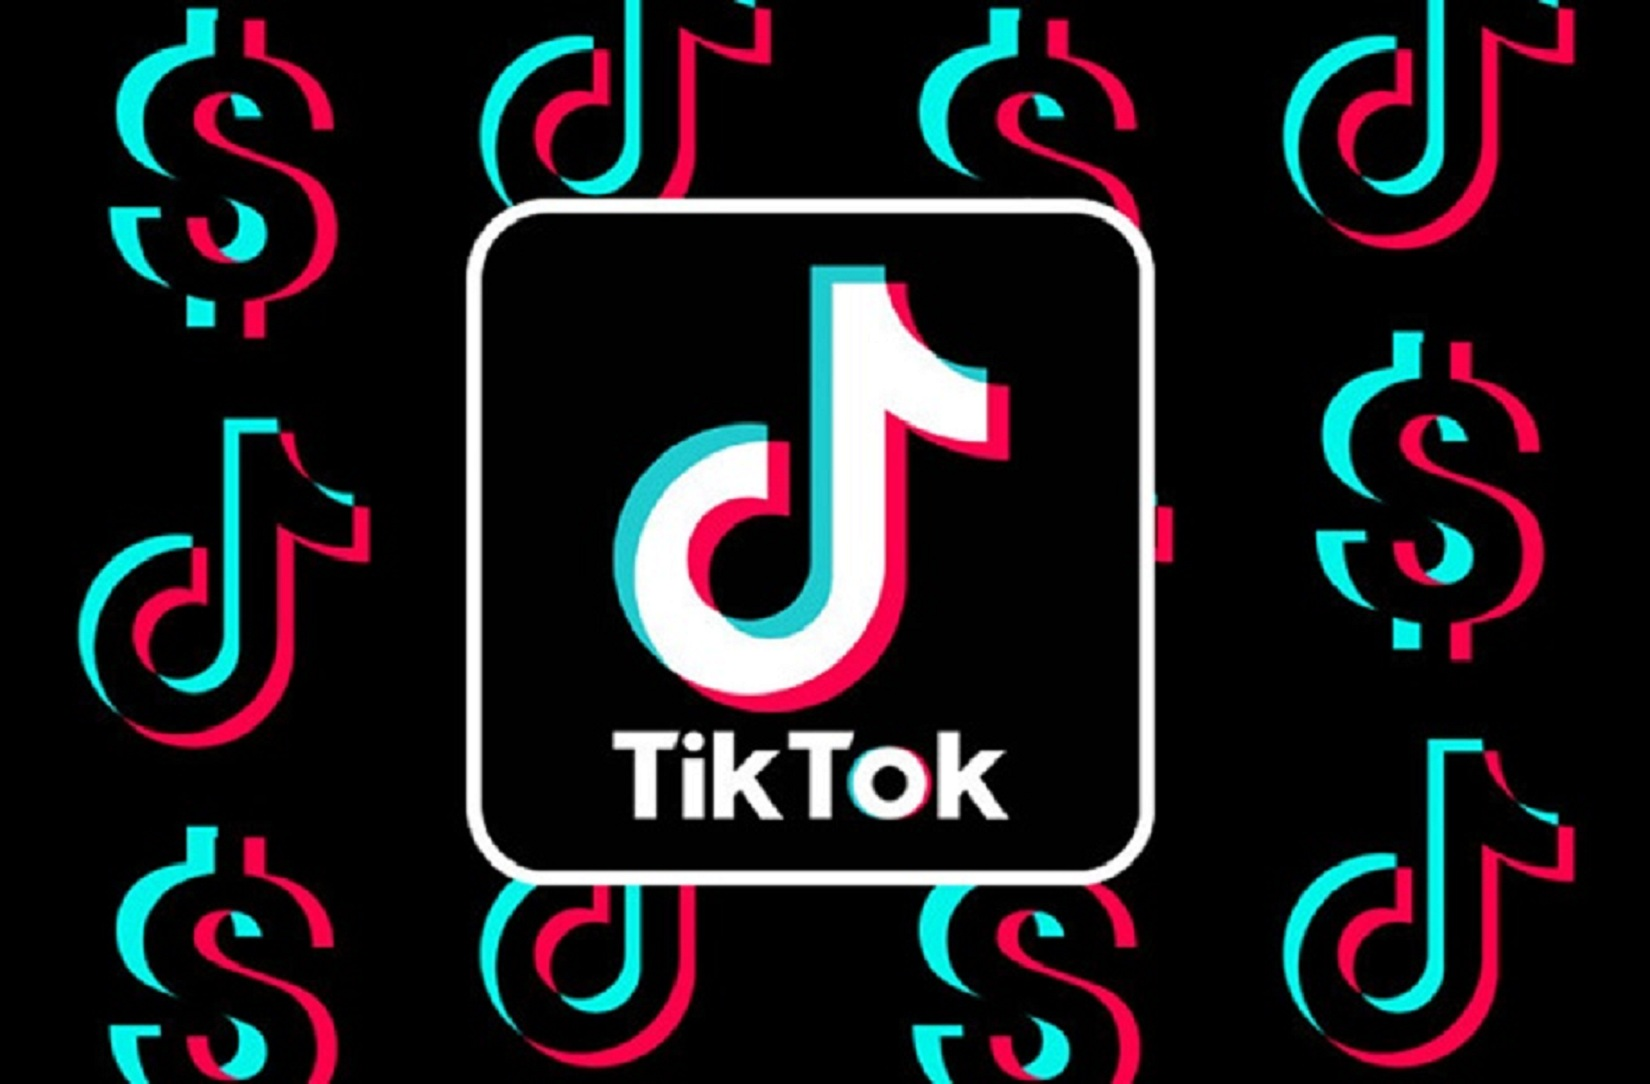 Южная Корея оштрафовала TikTok за сбор данных детей